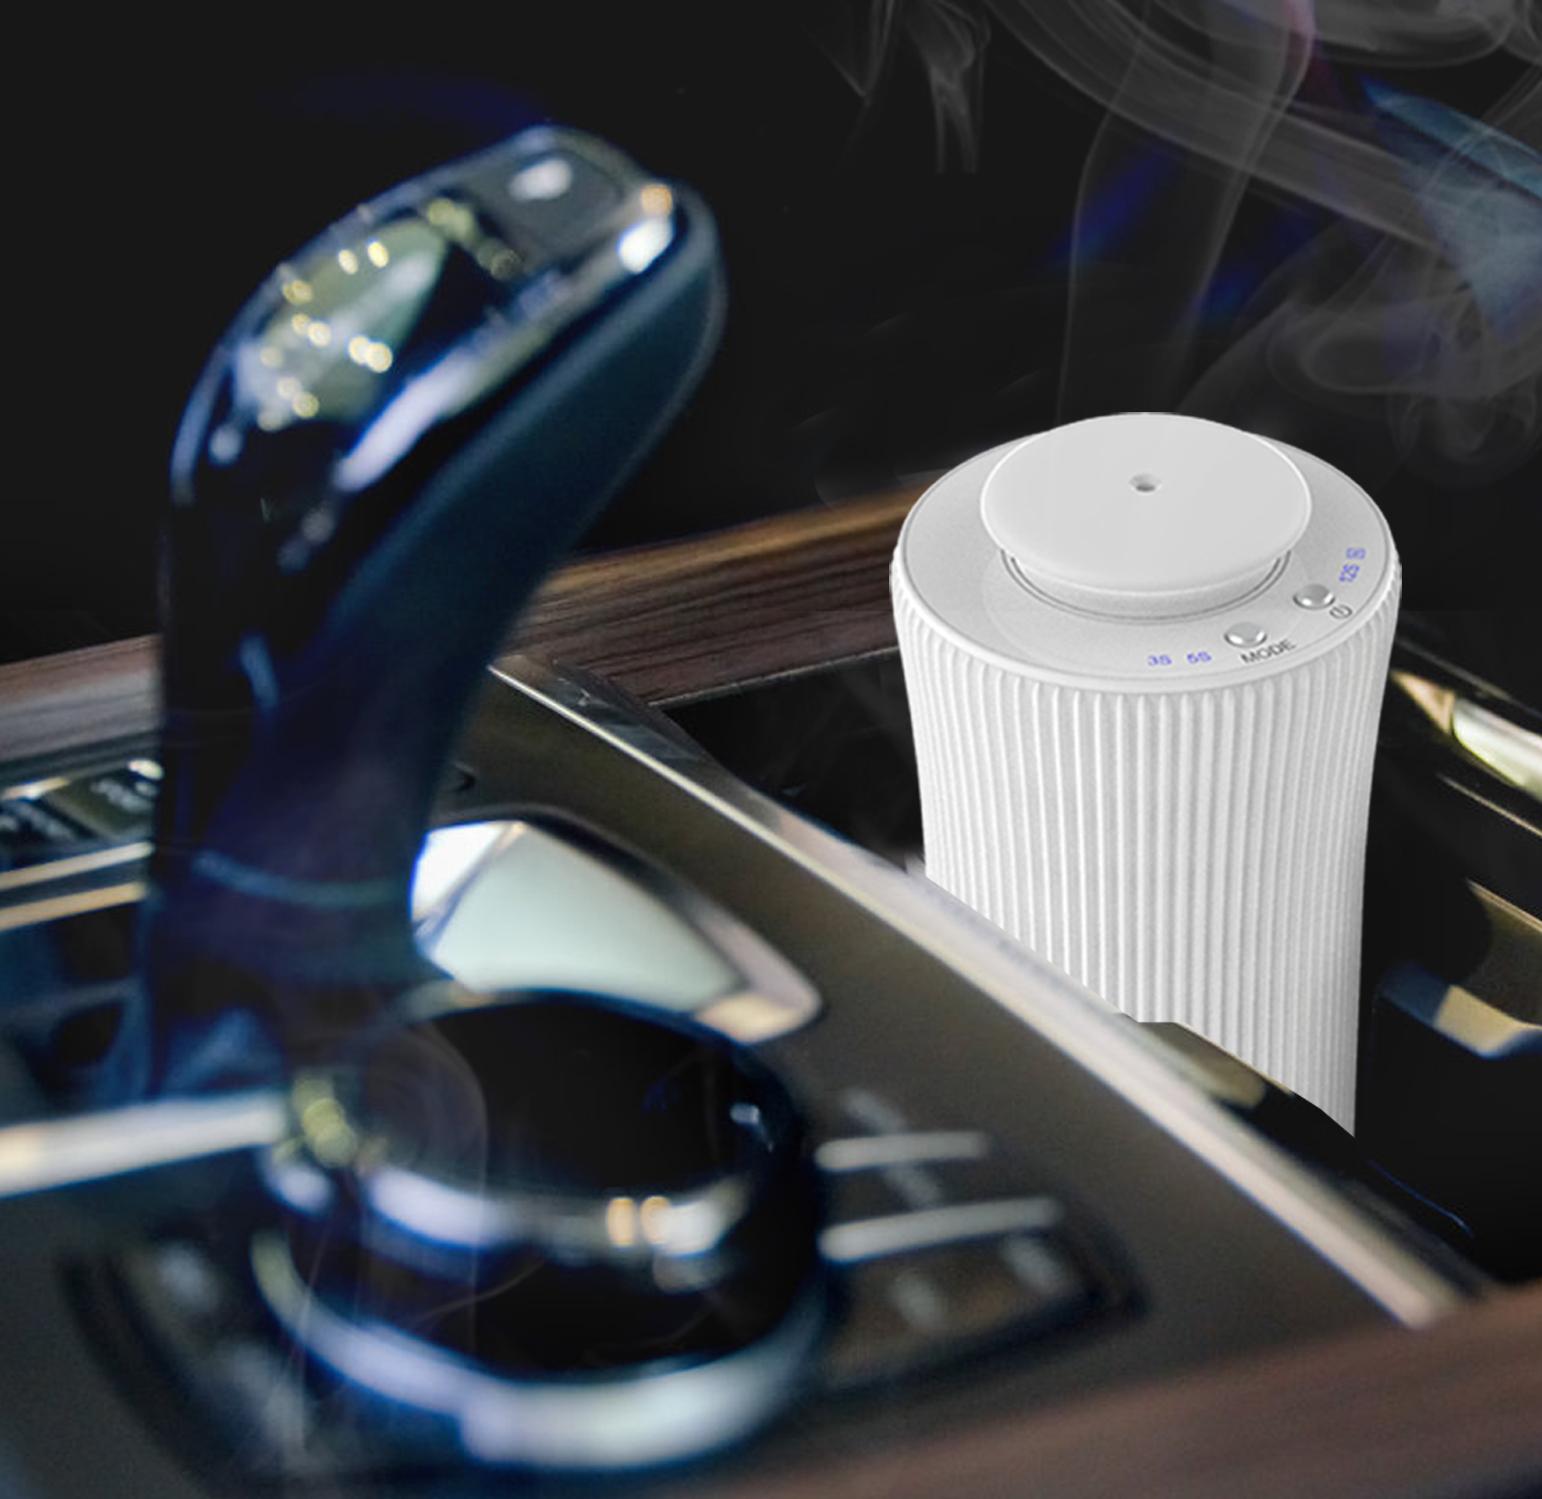 أعلى نقية زيت طبيعي هدية سيارة USB ناشر رائحة